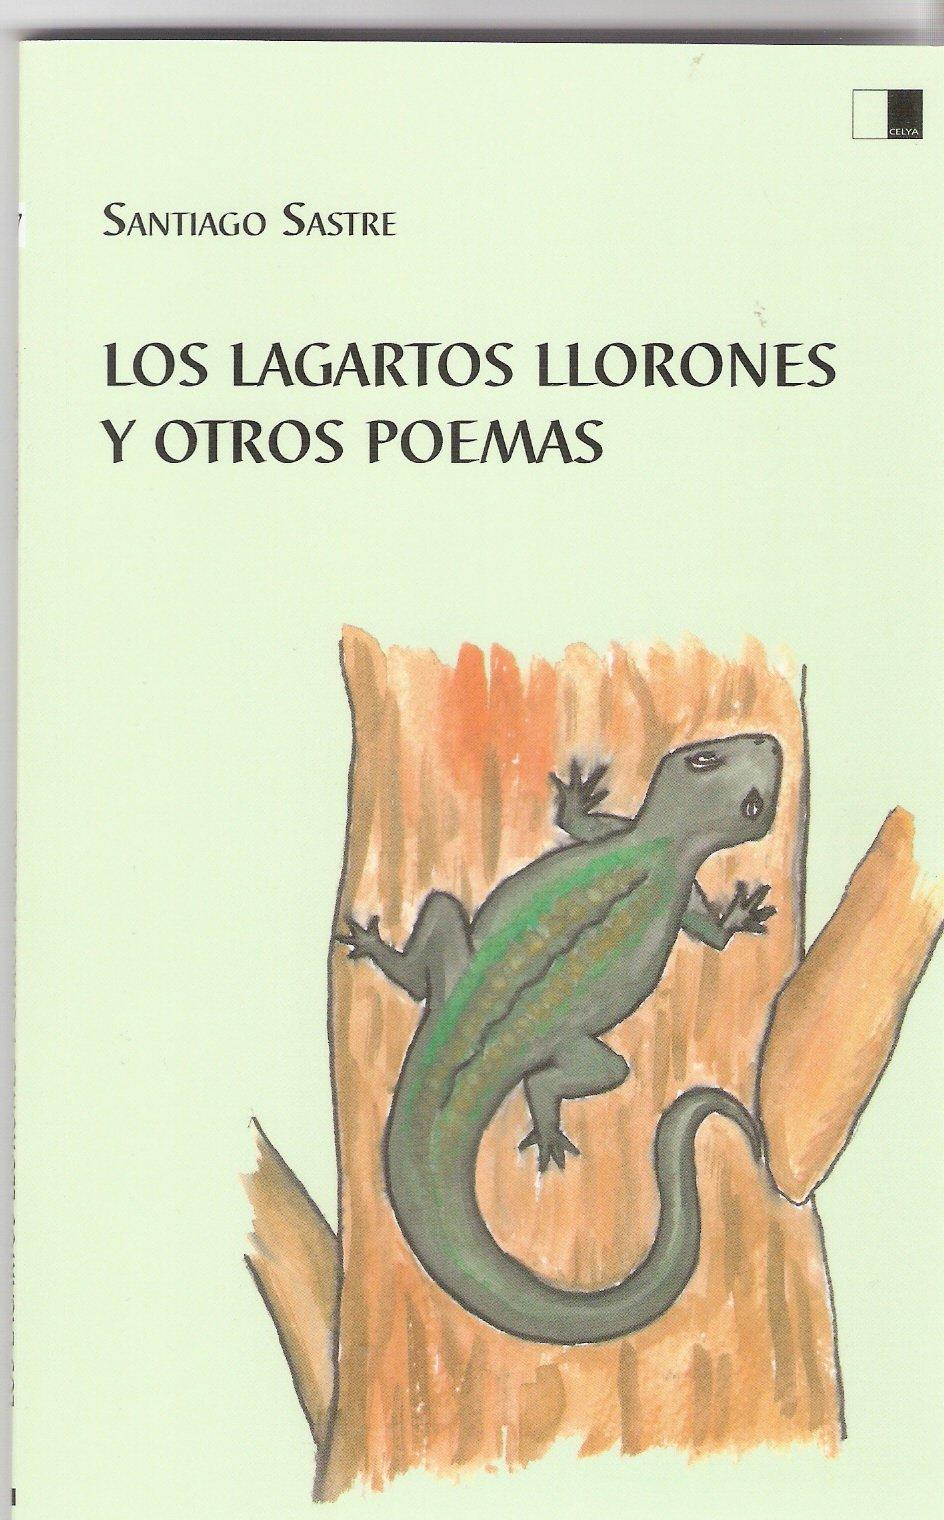 Los lagartos llorones, Santiago Sastre